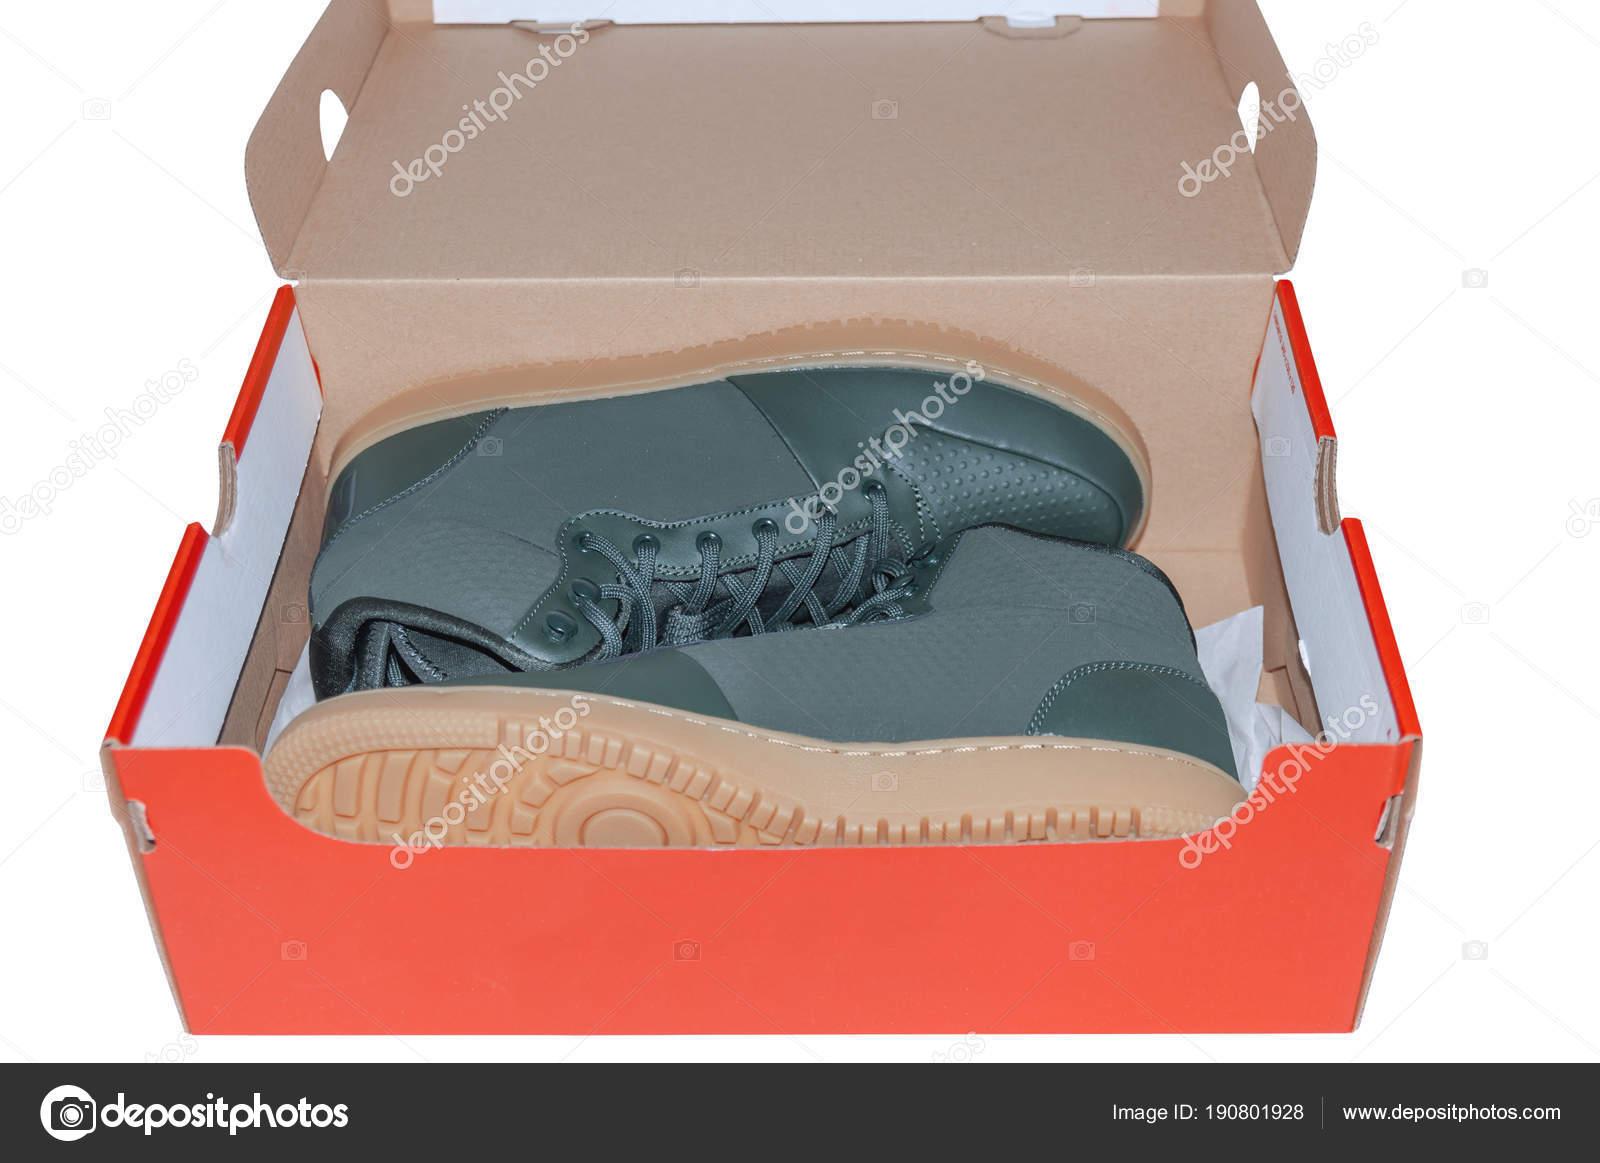 baskets Fitnes chaussures de isolé boîte de deux d'ina sport qvqrw4x5